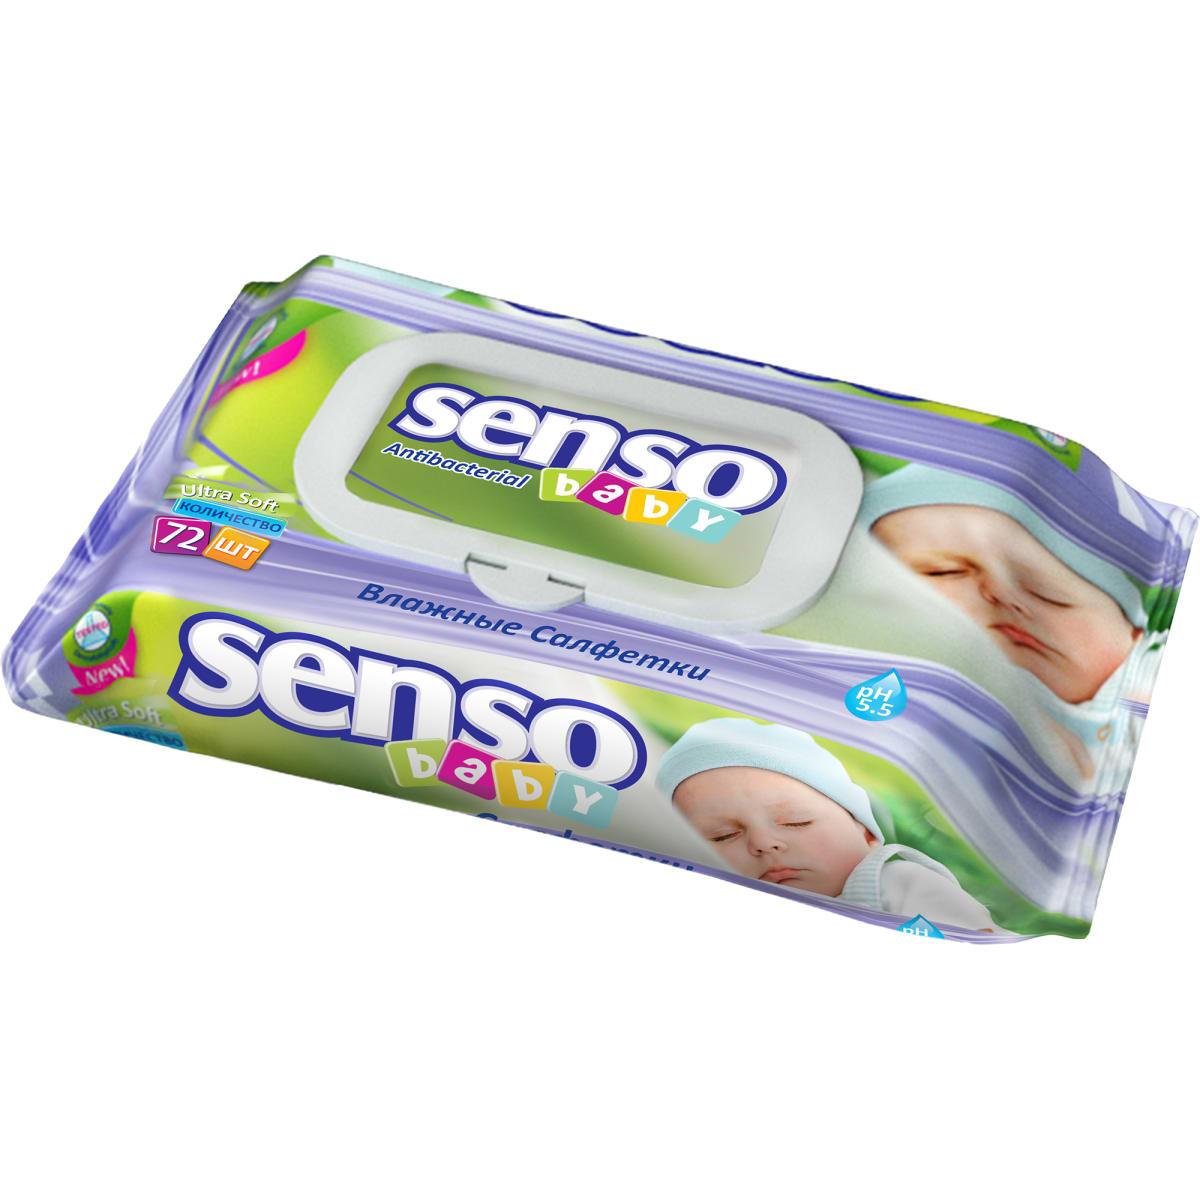 Салфетки влажные для детей «Senso baby» 72 шт.